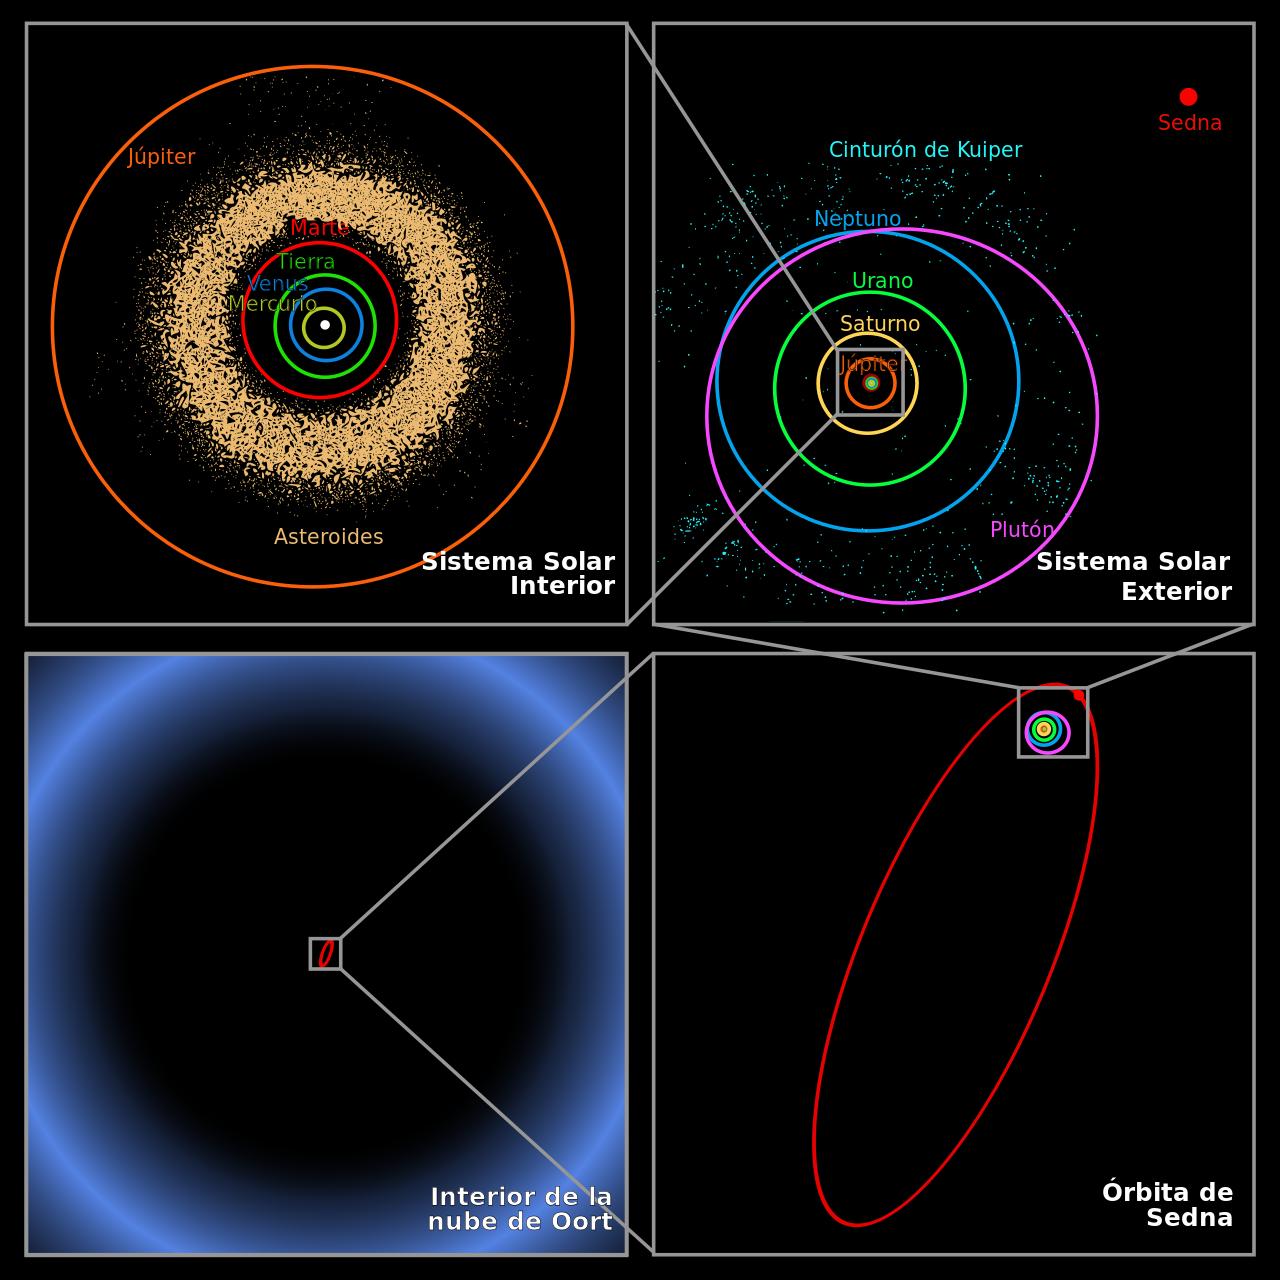 Escala de la nube de Oort